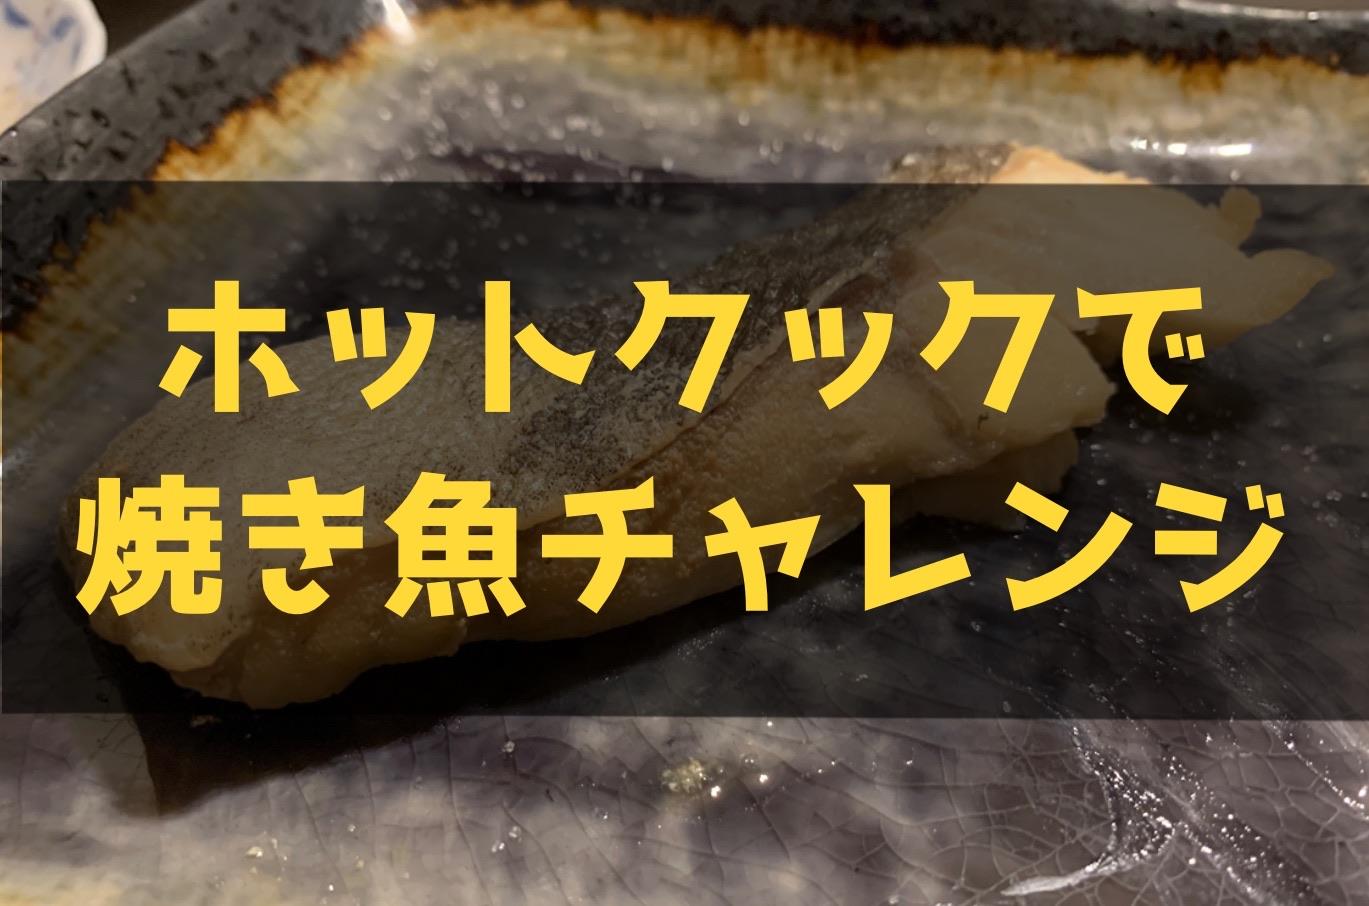 【ホットクック】焼き魚チャレンジ!【煮魚以外も可能?】